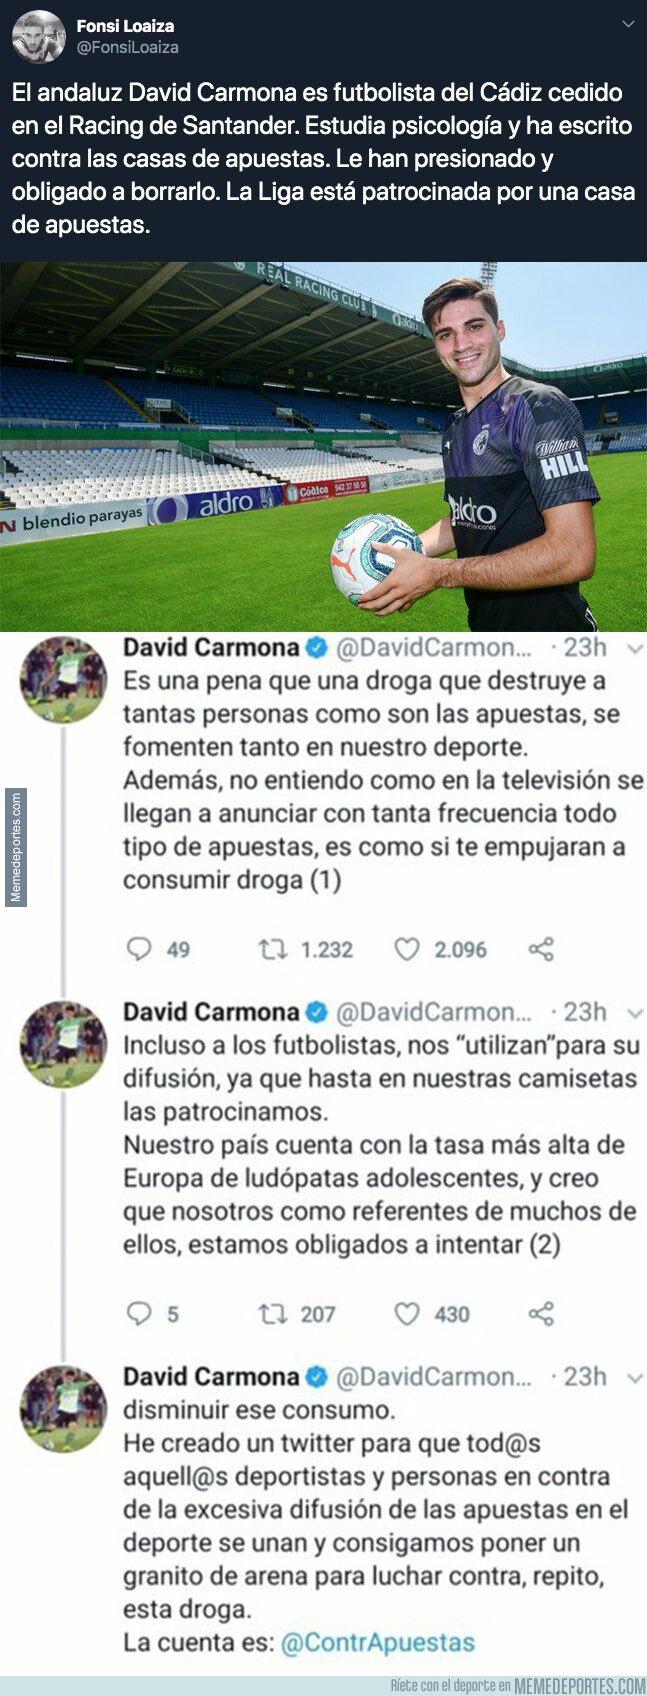 1089762 - Escándalo tremendo: estos son los tuits de David Carmona, futbolista del Cádiz, que ha escrito contra las casas de apuestas y que le han obligado a borrar